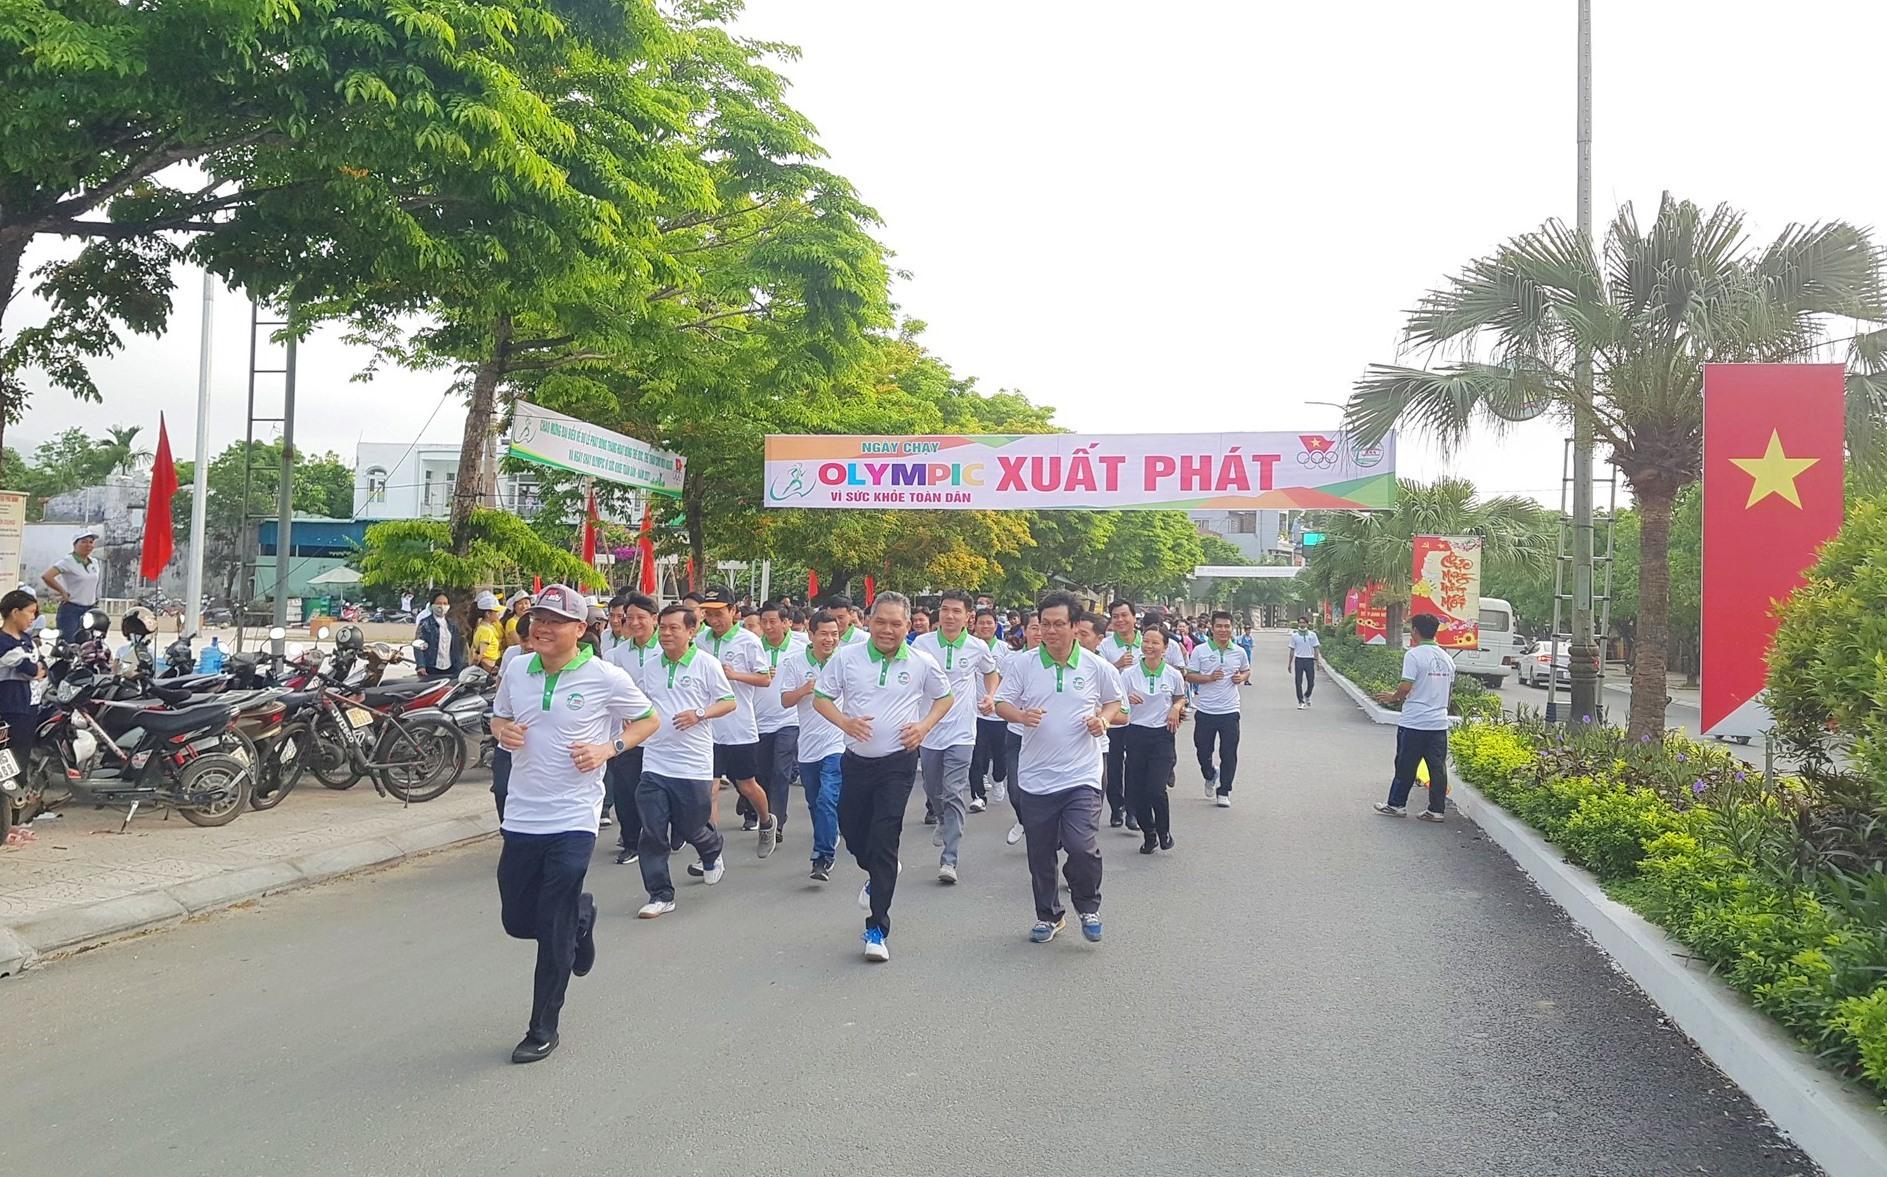 Lãnh đạo huyện Tiên Phước và các đơn vị tham gia chạy hưởng ứng. Ảnh: D.L